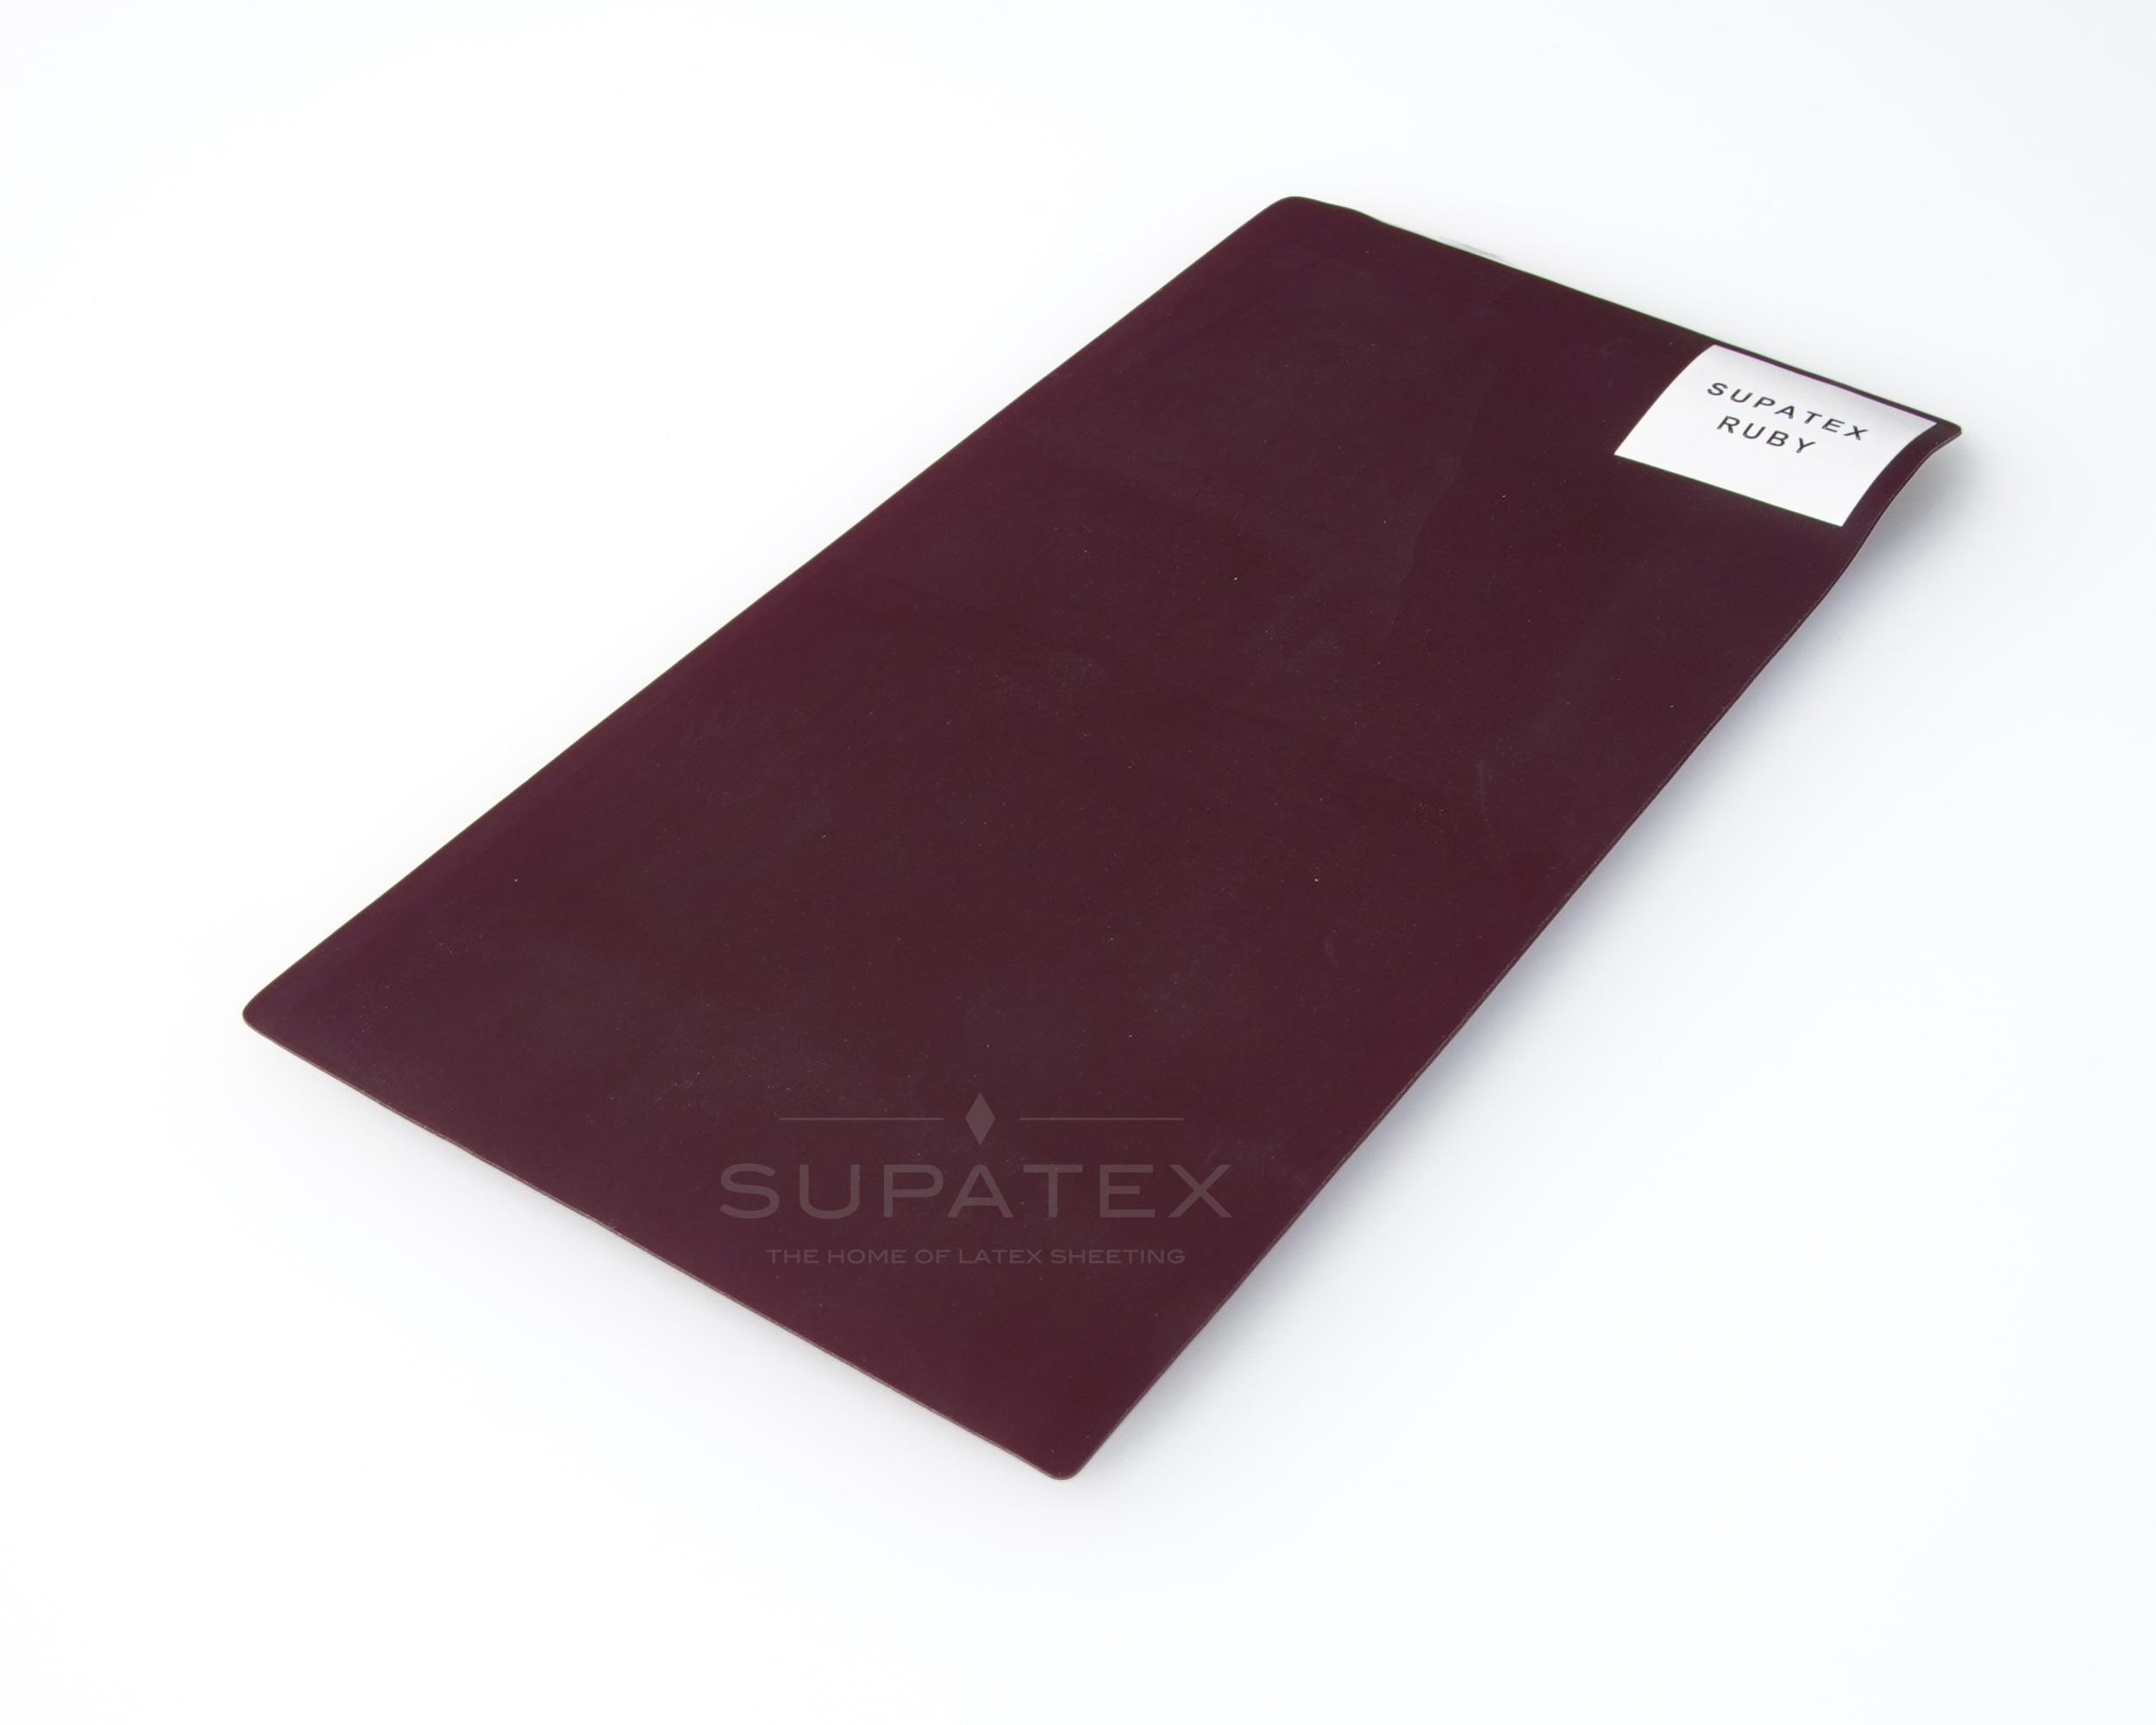 Supatex Ruby 0.33 mm